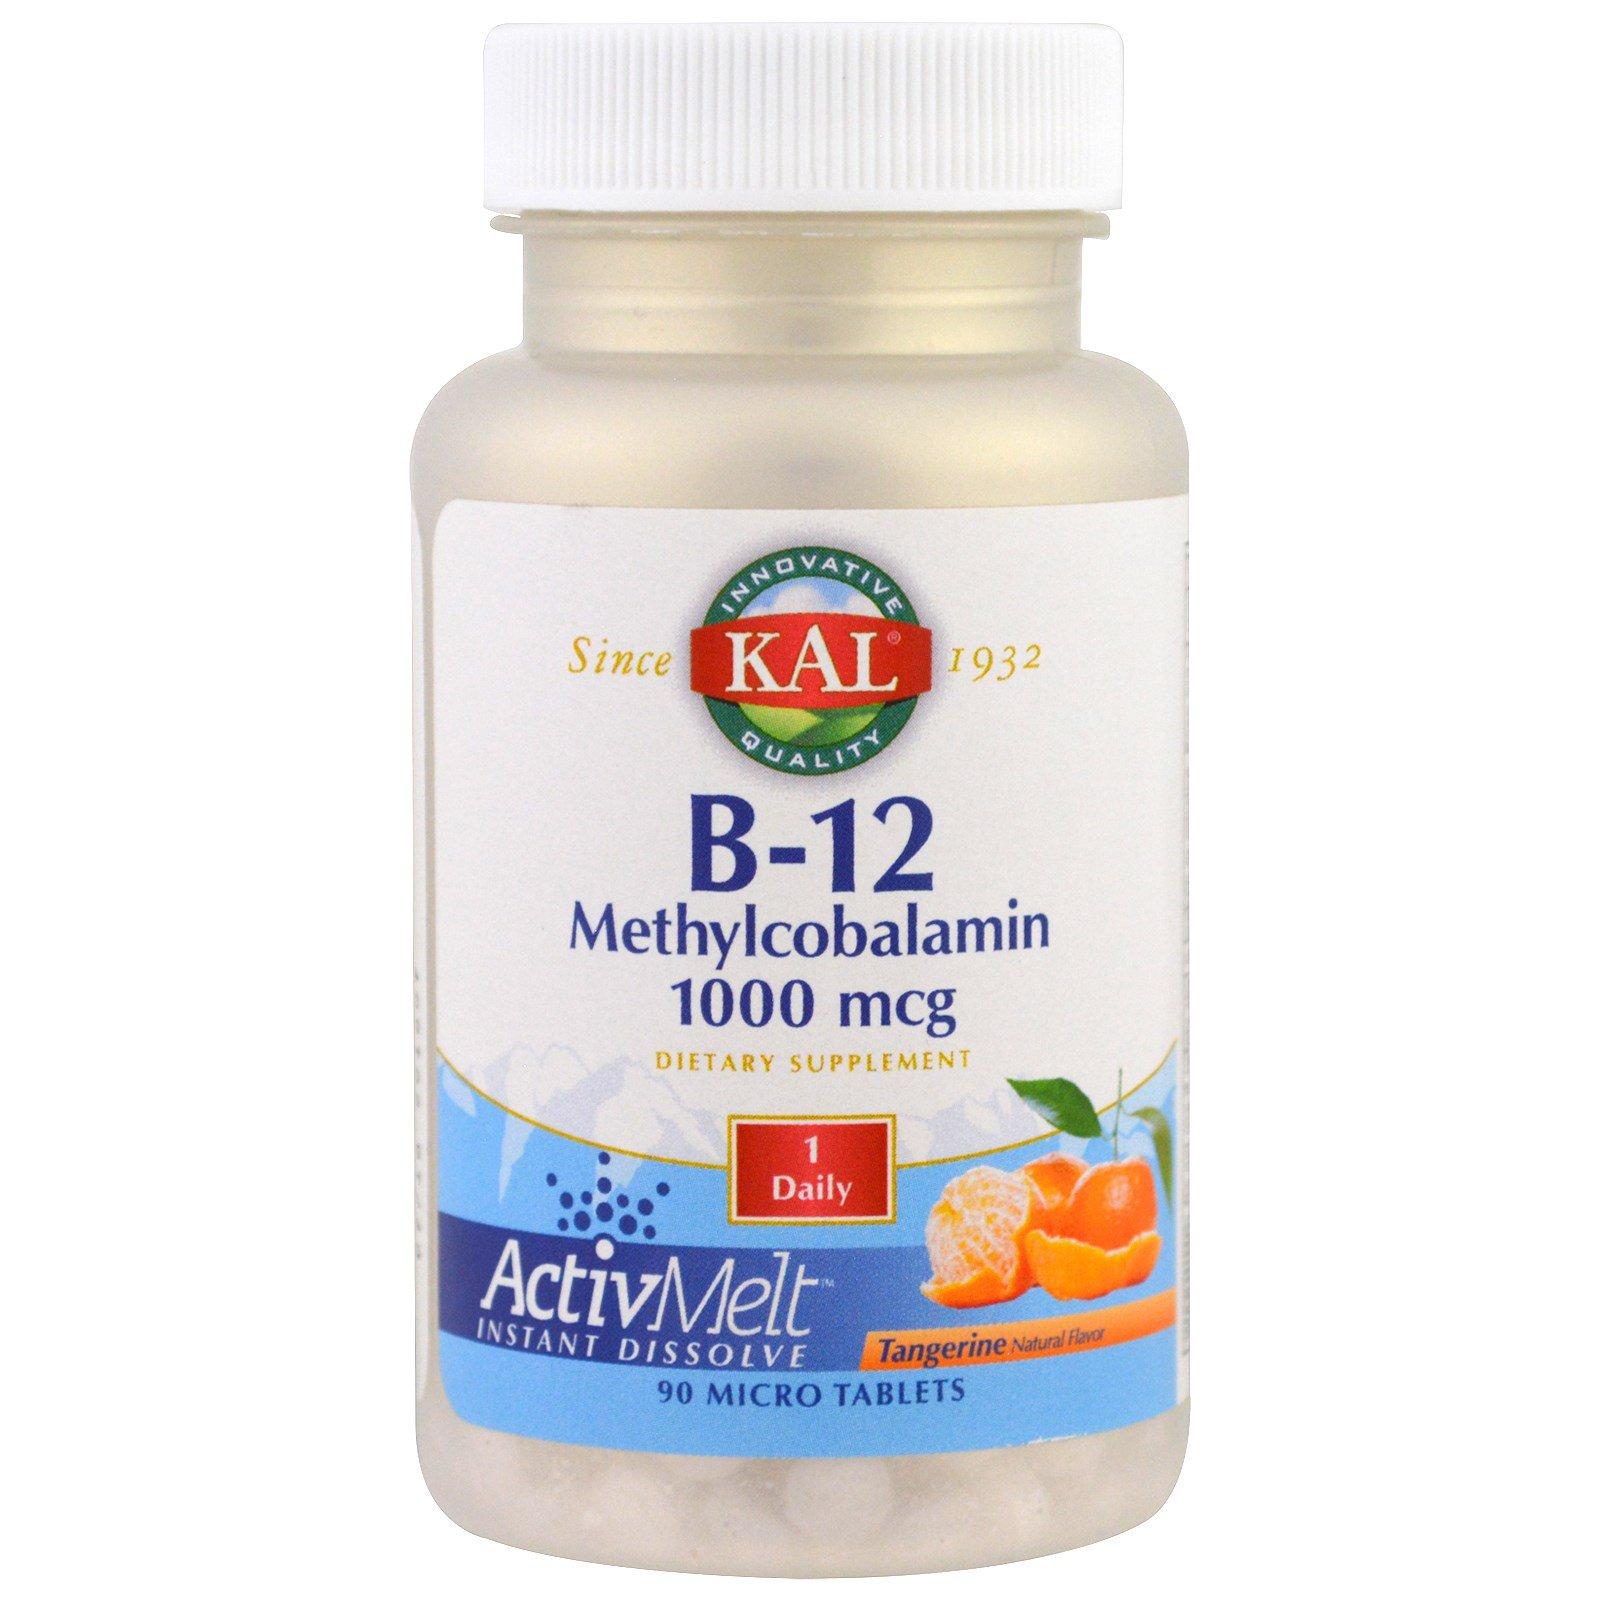 KAL, B-12 метилкобаламин, мандарин, 1000 мкг, 90 микро таблеток